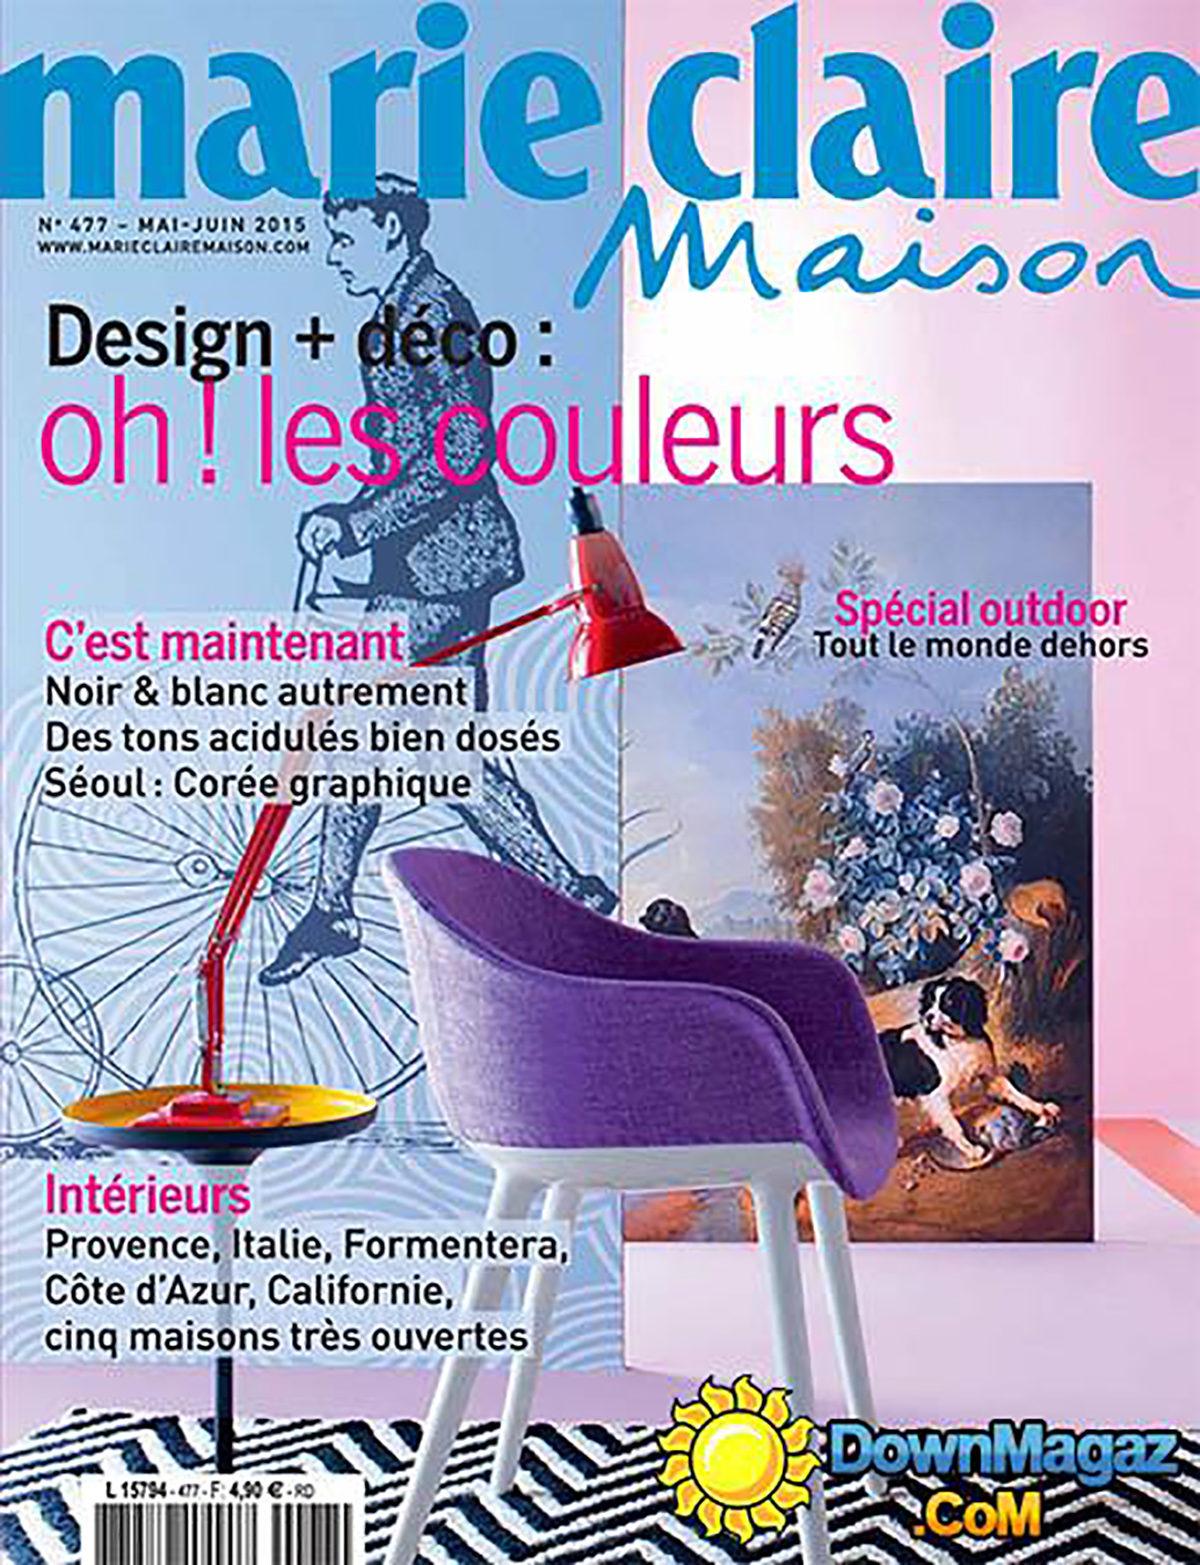 Parution presse MARIE CLAIRE 2015 Claude Cartier décoration architecte d'intérieur à Lyon.